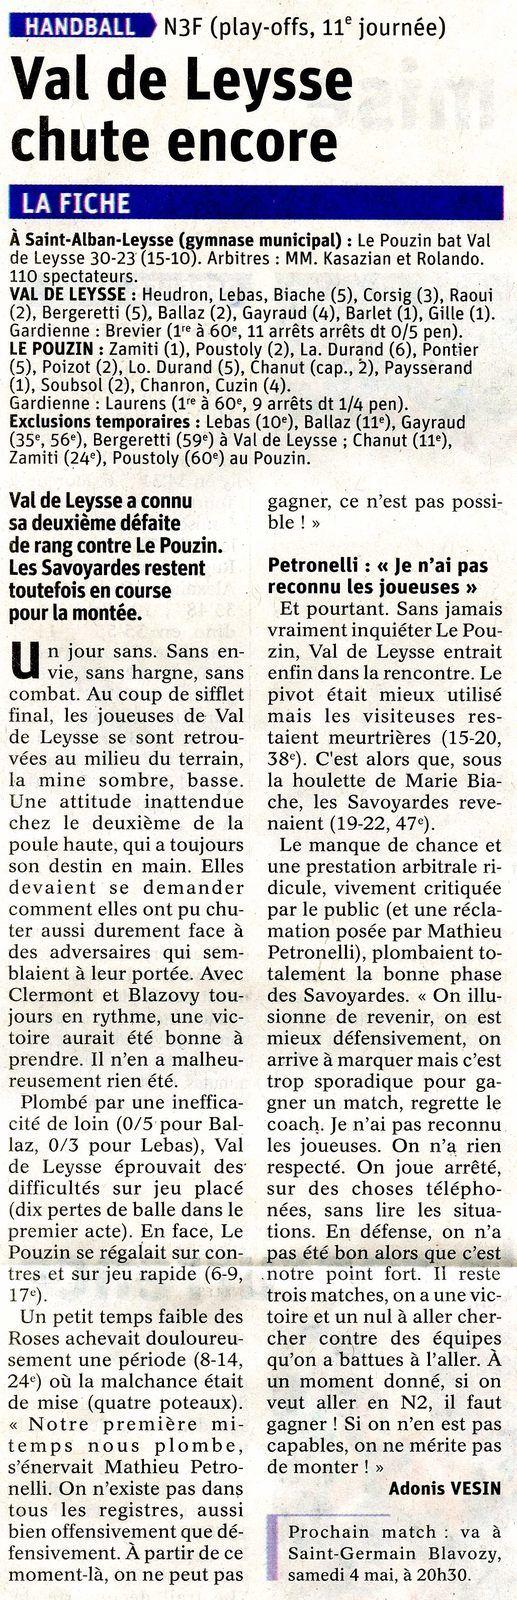 Article du DL après N3F VAL DE LEYSSE LE POUZIN lundi 15 avril 2019 par Adonis VESIN